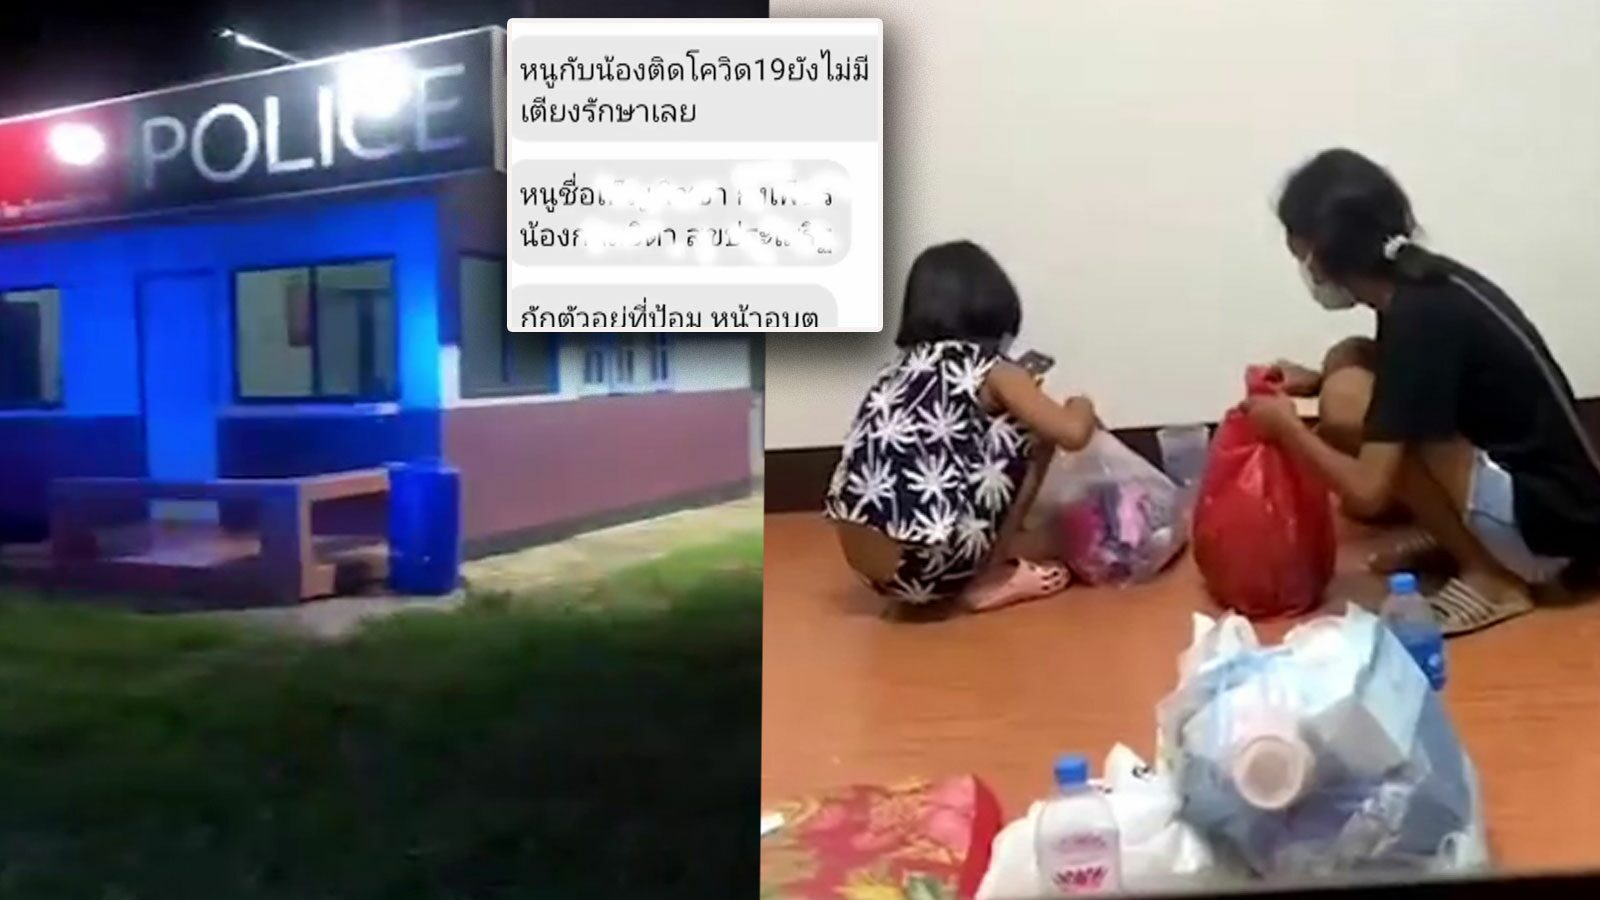 สลด 2เด็กหญิง ติดโควิด ถูกไล่พ้นชุมชน นอนป้อมร้าง รอความช่วยเหลือ